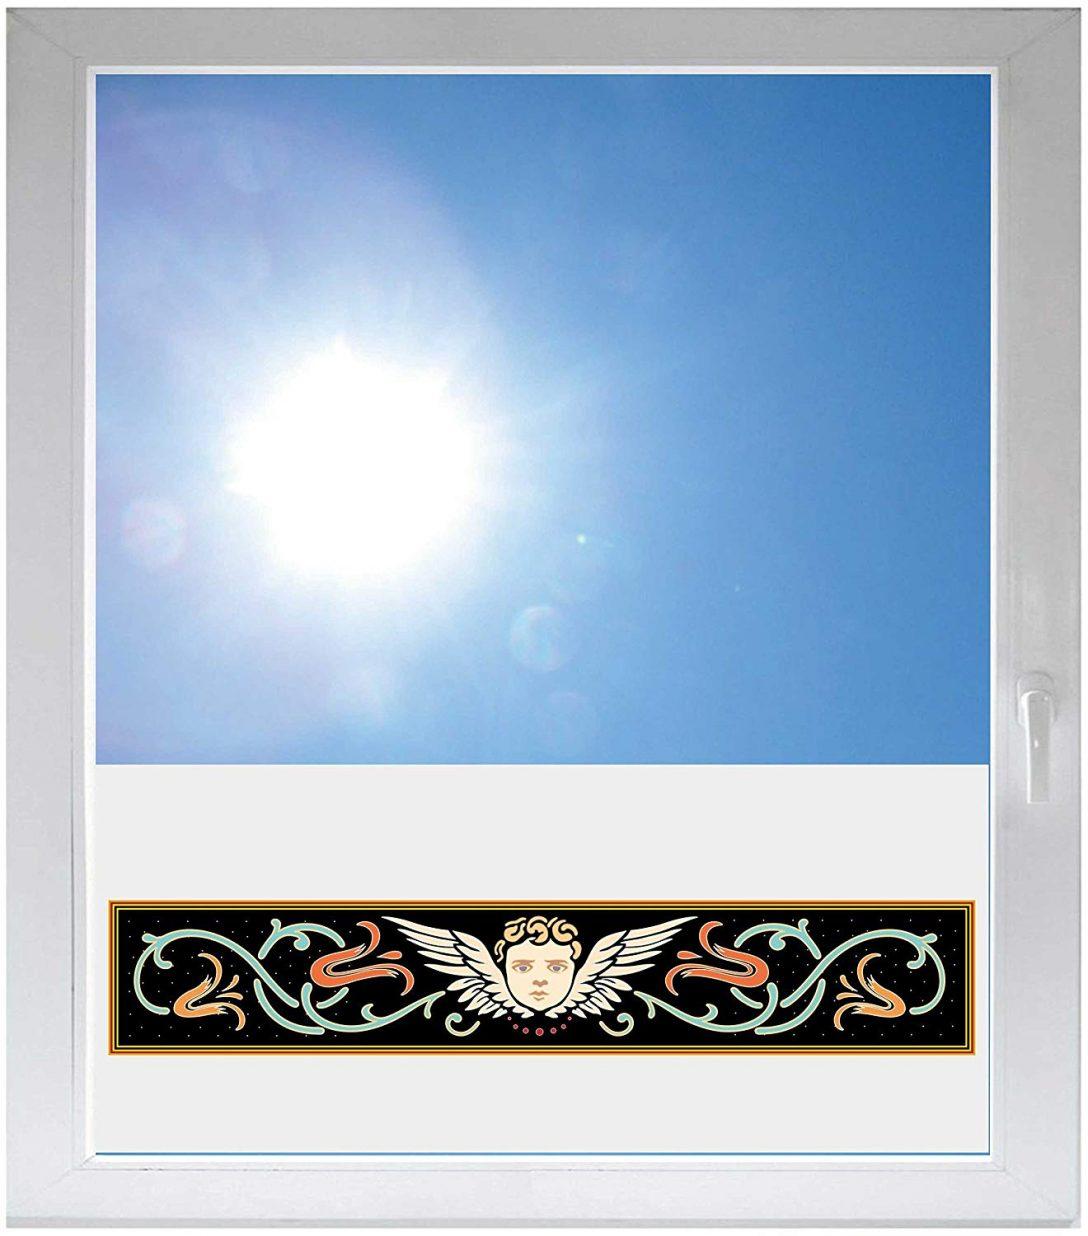 Large Size of Glasdekor Fensterfolie Mit Motiv Satiniert Blickdicht 800x500 Mm Fenster Erneuern Tauschen Aluminium Holz Alu Dampfreiniger Lüftung Dreh Kipp Jemako Rolladen Fenster Fenster Sichtschutzfolie